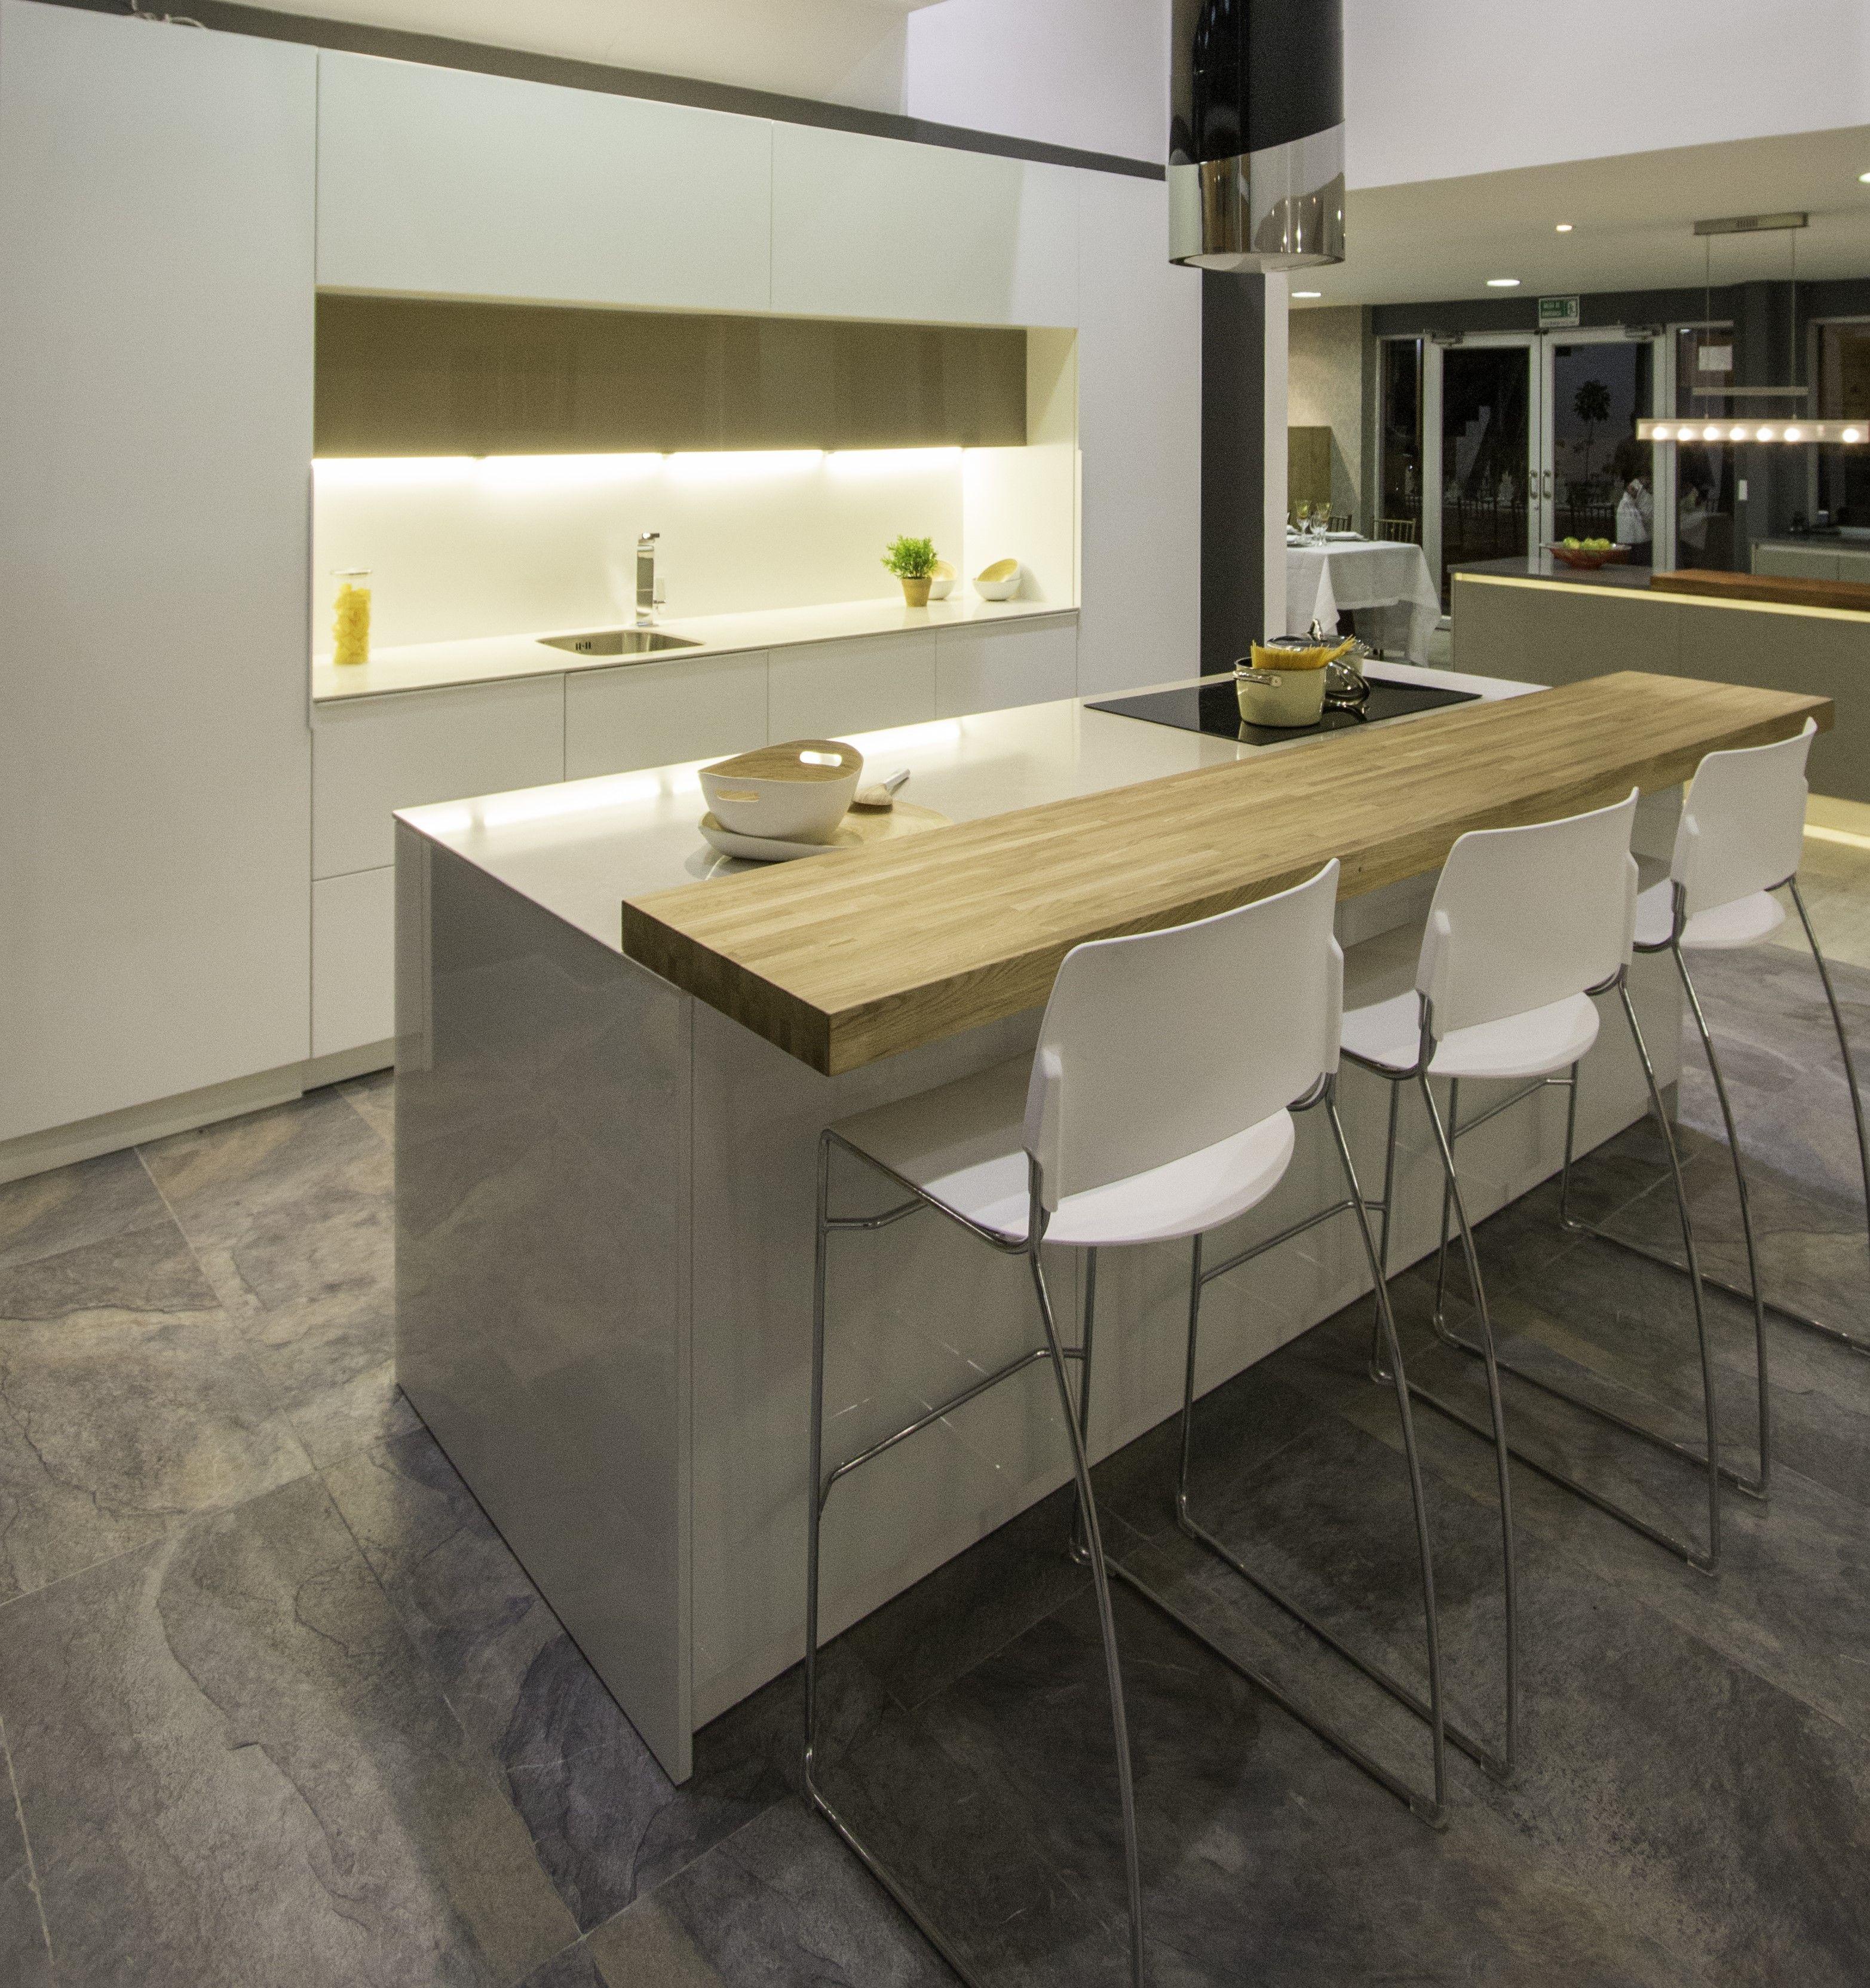 Dise O Cocinas Linea Glass Hogar2000logos Moderna Exhibici N  # Xp Muebles De Cocina